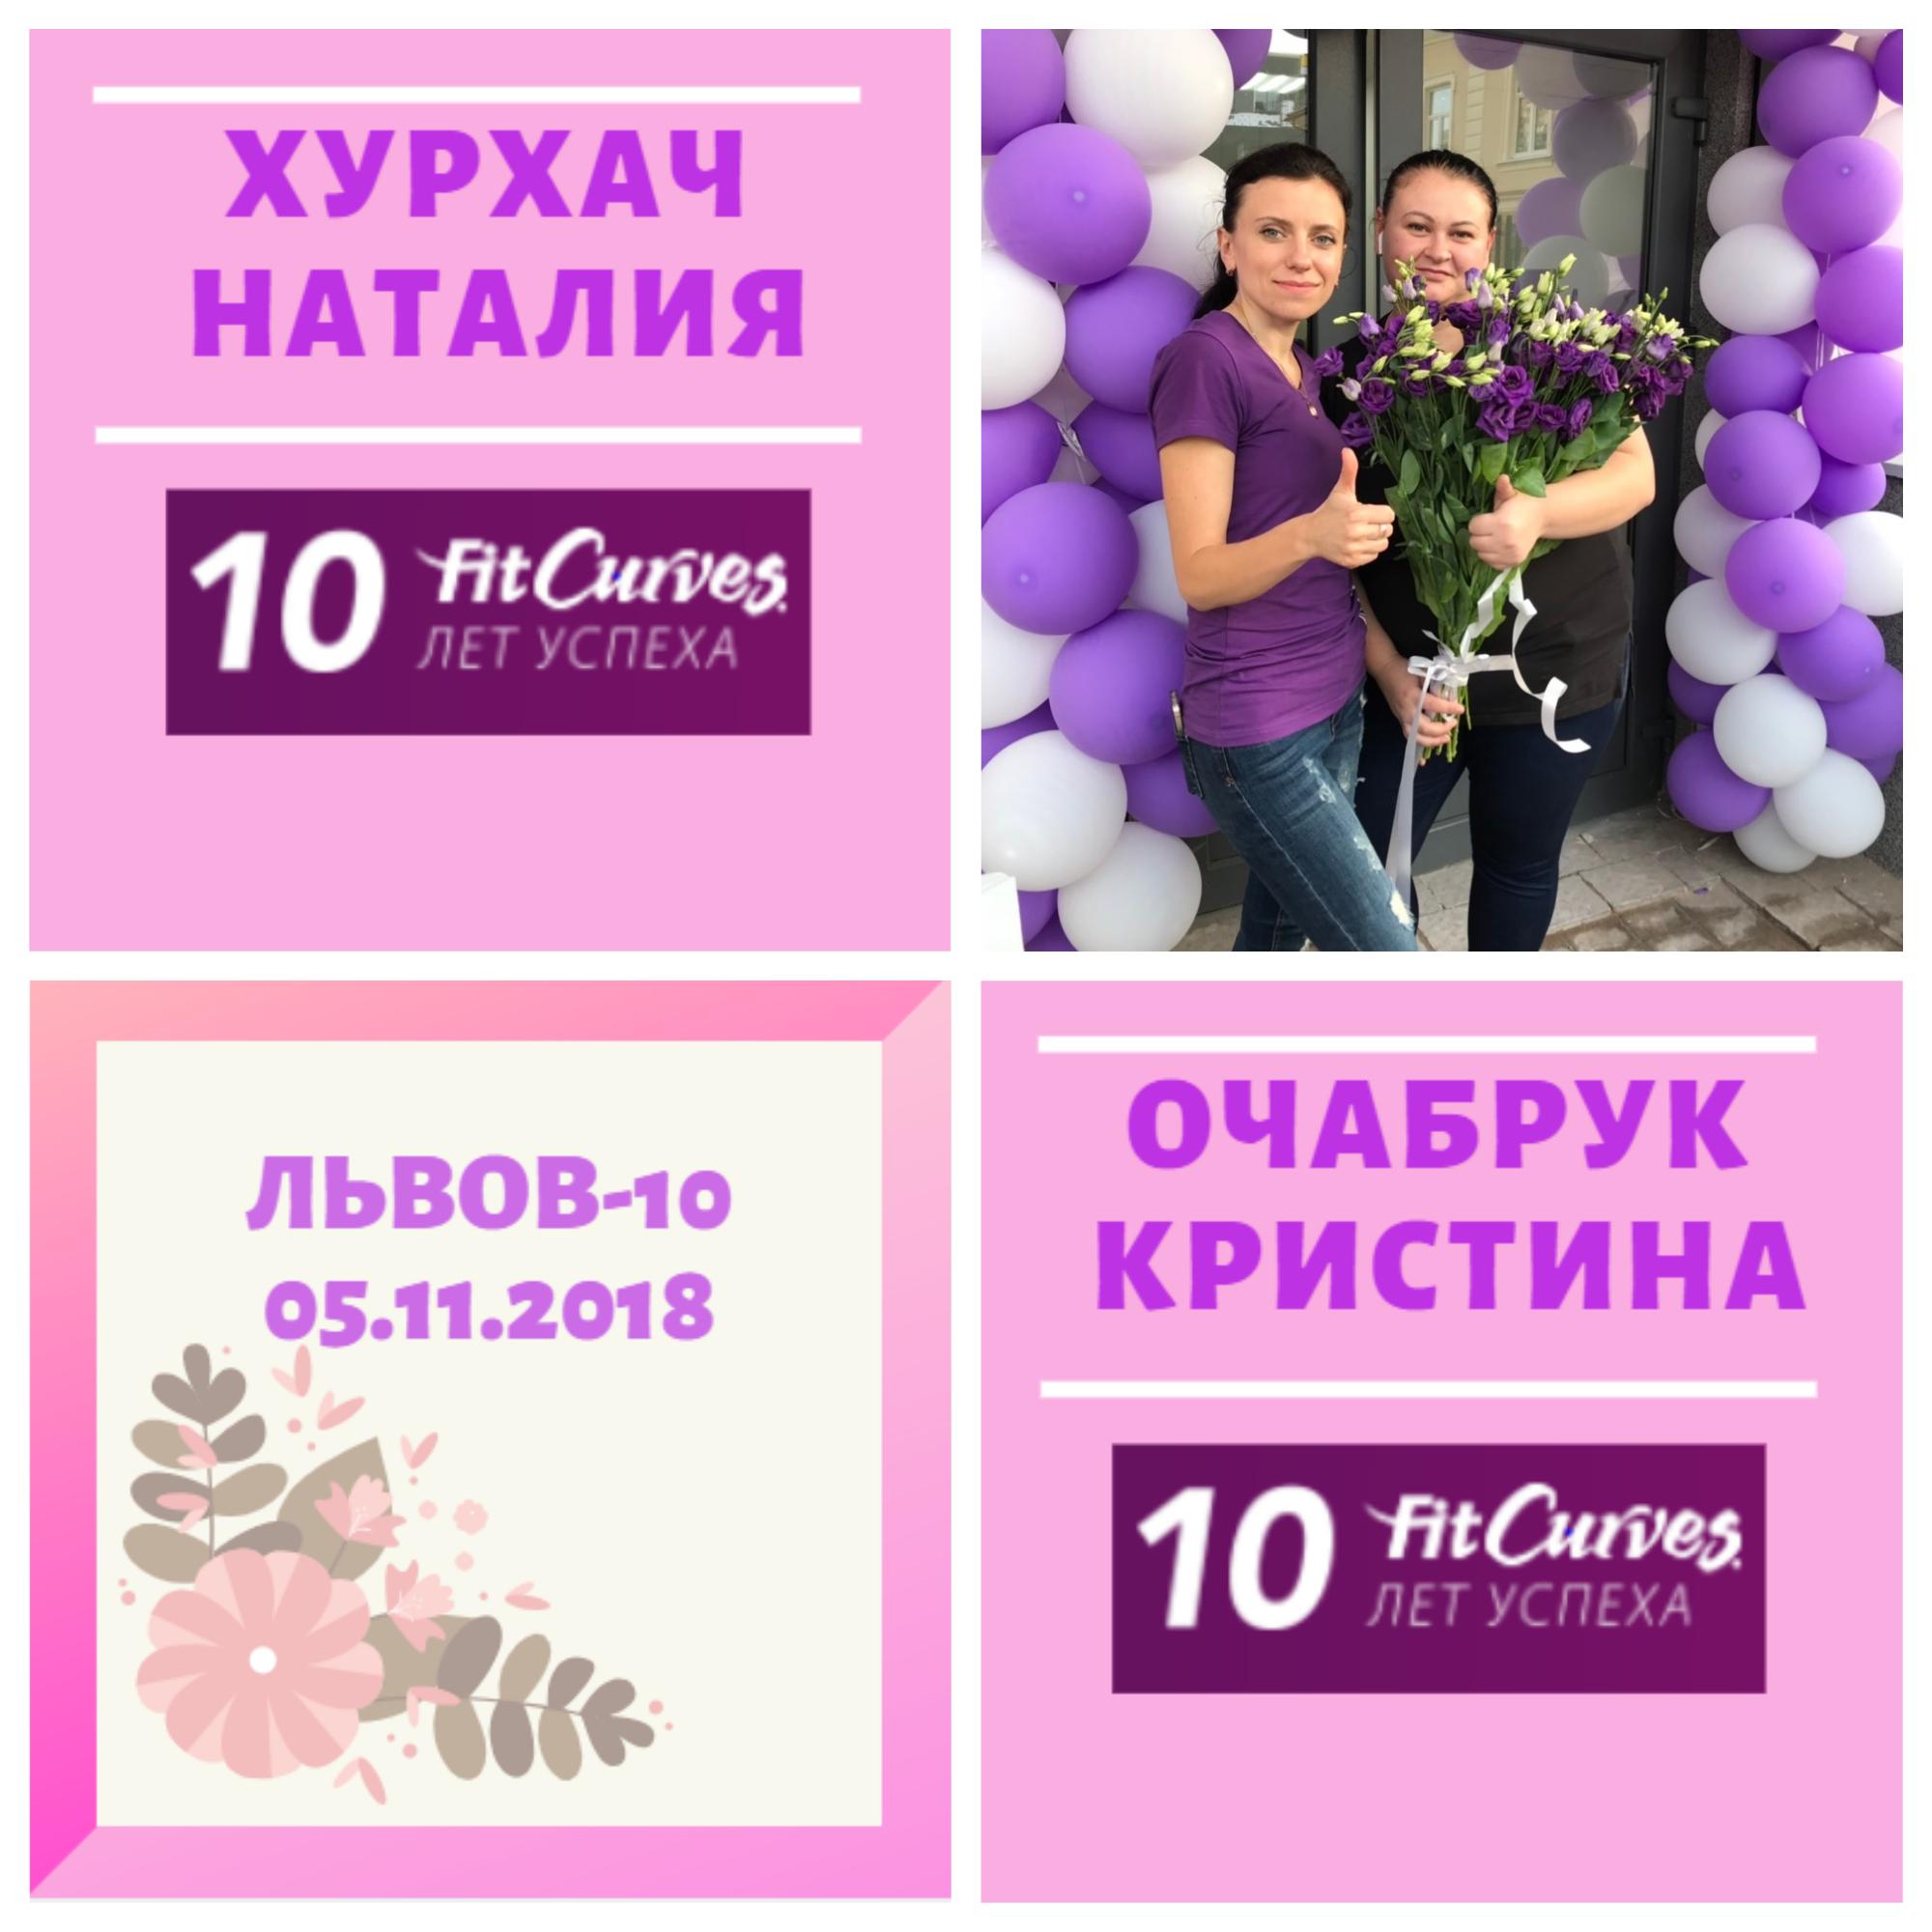 05.11.2018 г. Состоялось долгожданное открытие клуба Львов-10!